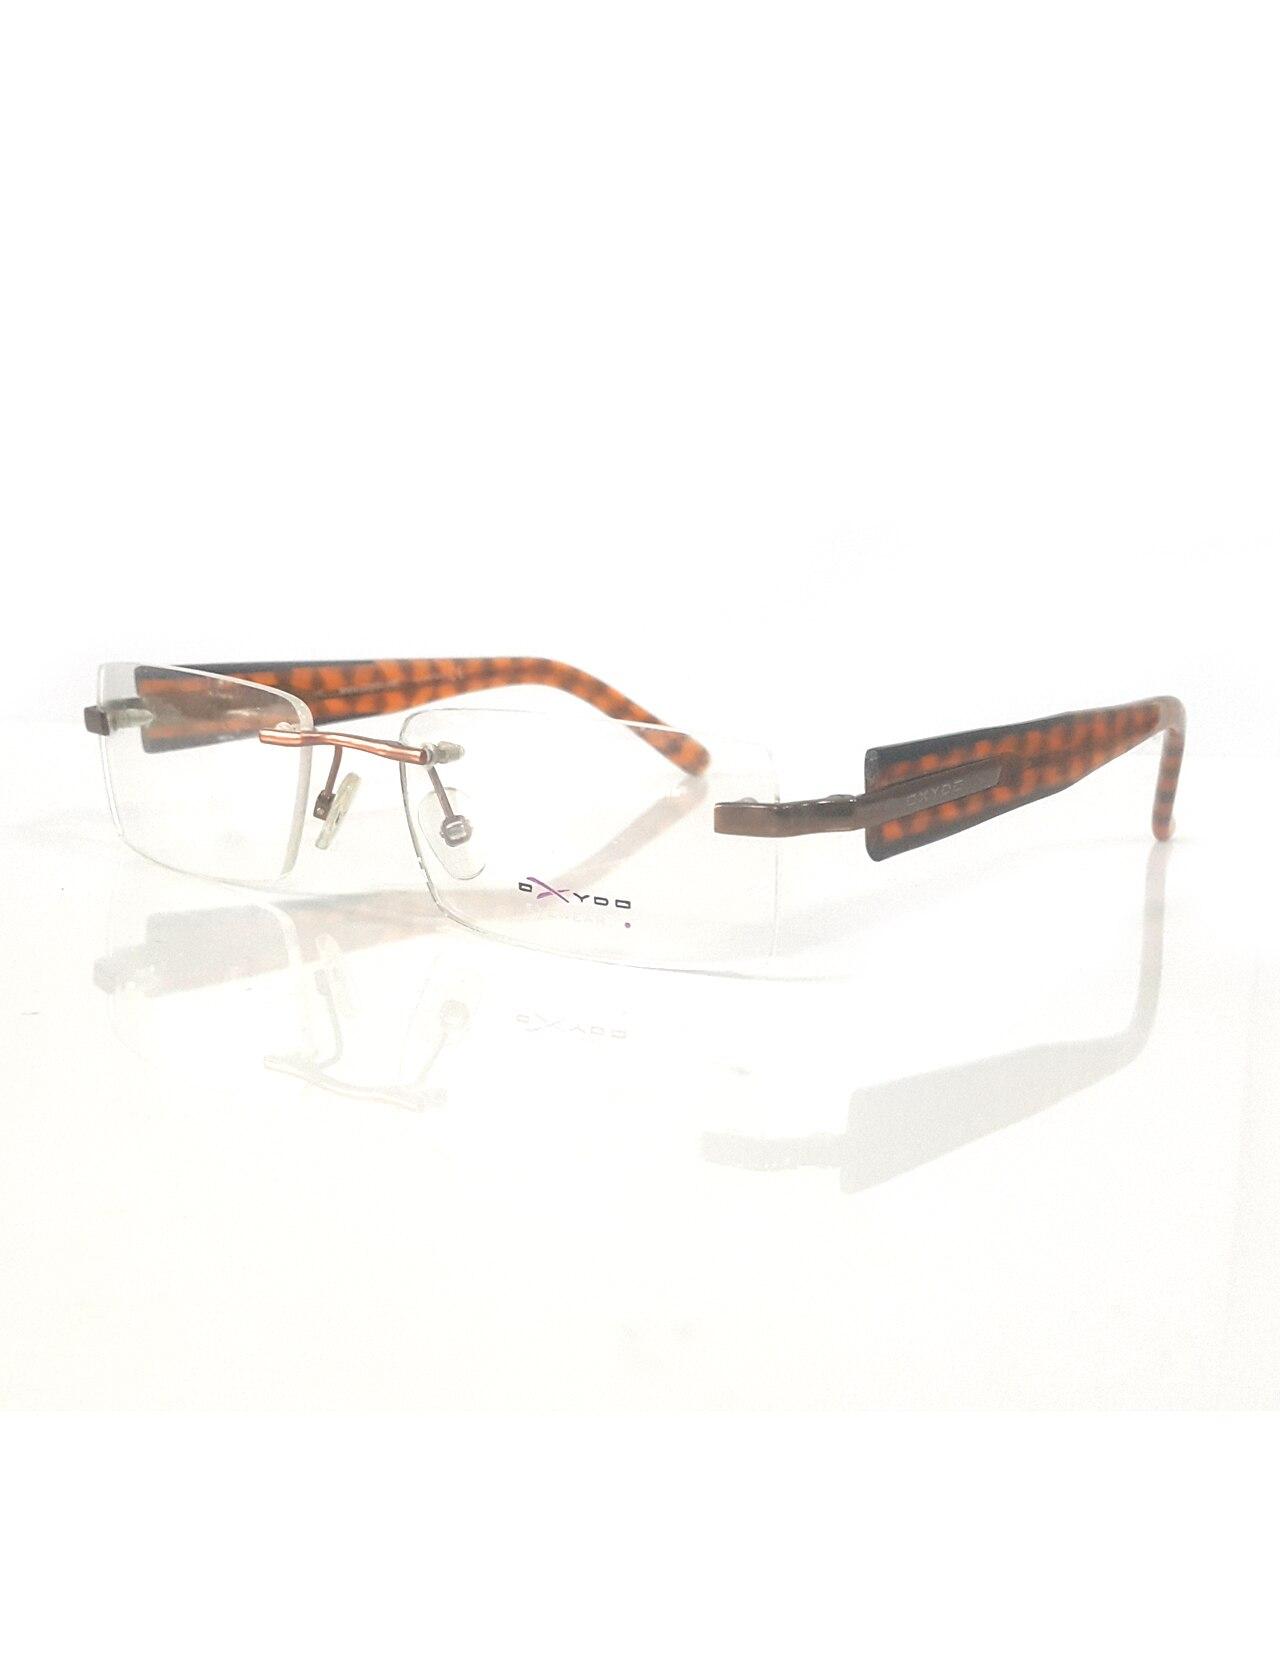 Markamilla Unisex gafas de lectura Marco de demostración gafas de gafas transparentes de alta calidad mujeres MenOxydo OX 300 UBR 52 17